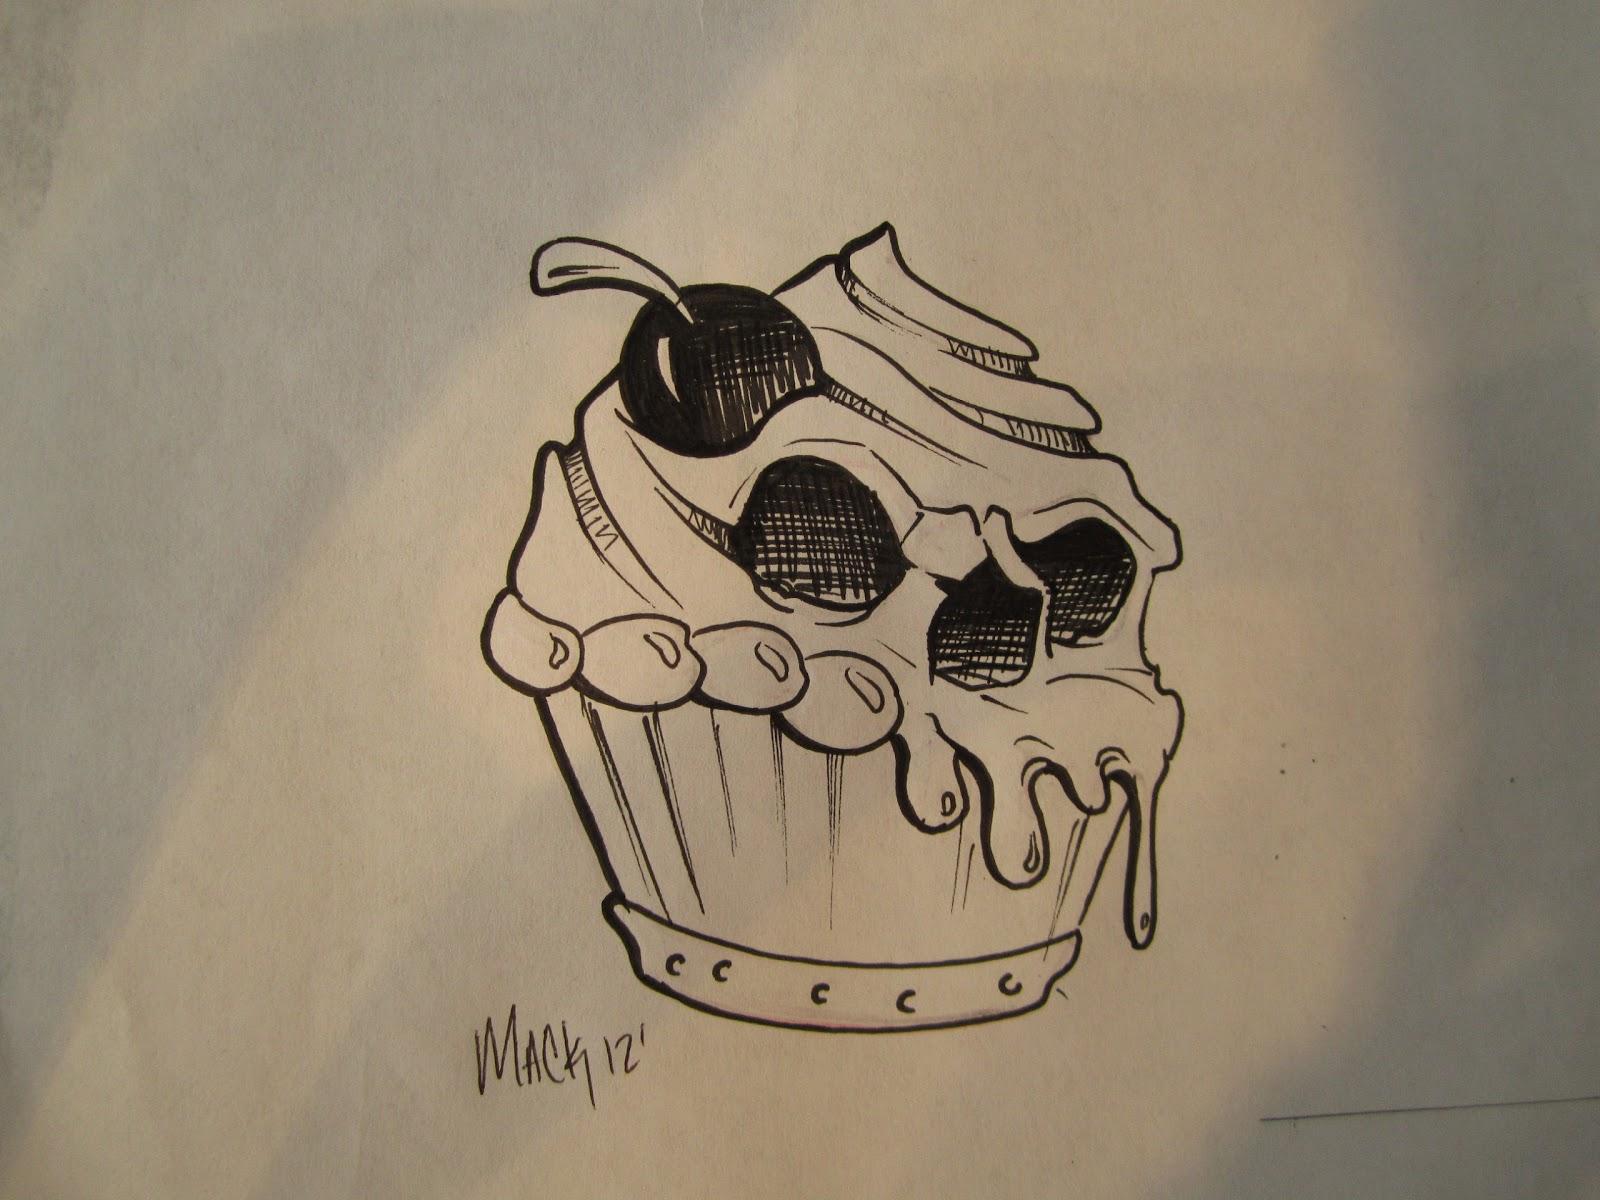 Cupcake Skull